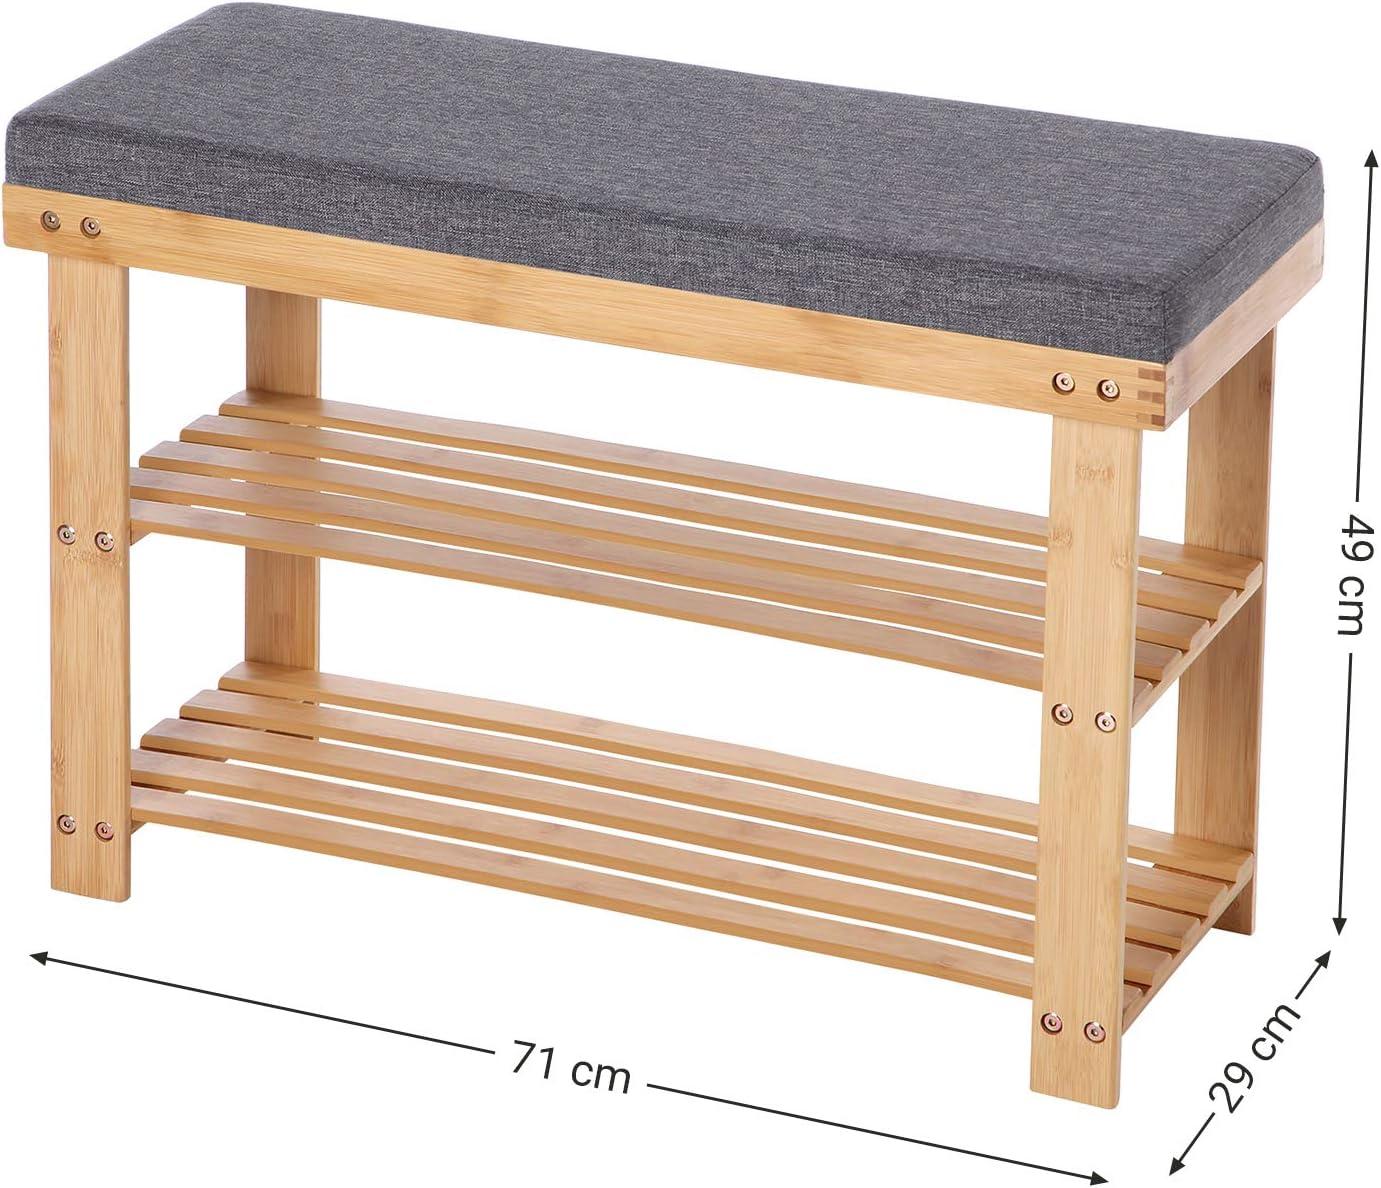 71 x 29 x 49 cm SONGMICS Panca Scarpiera in bamb/ù Soggiorno Portascarpe a 2 Ripiani Bianco e Grigio LBS604W01 Organizzatore per Scarpe Stabile per Corridoio Seduta Regge Fino a 150 kg